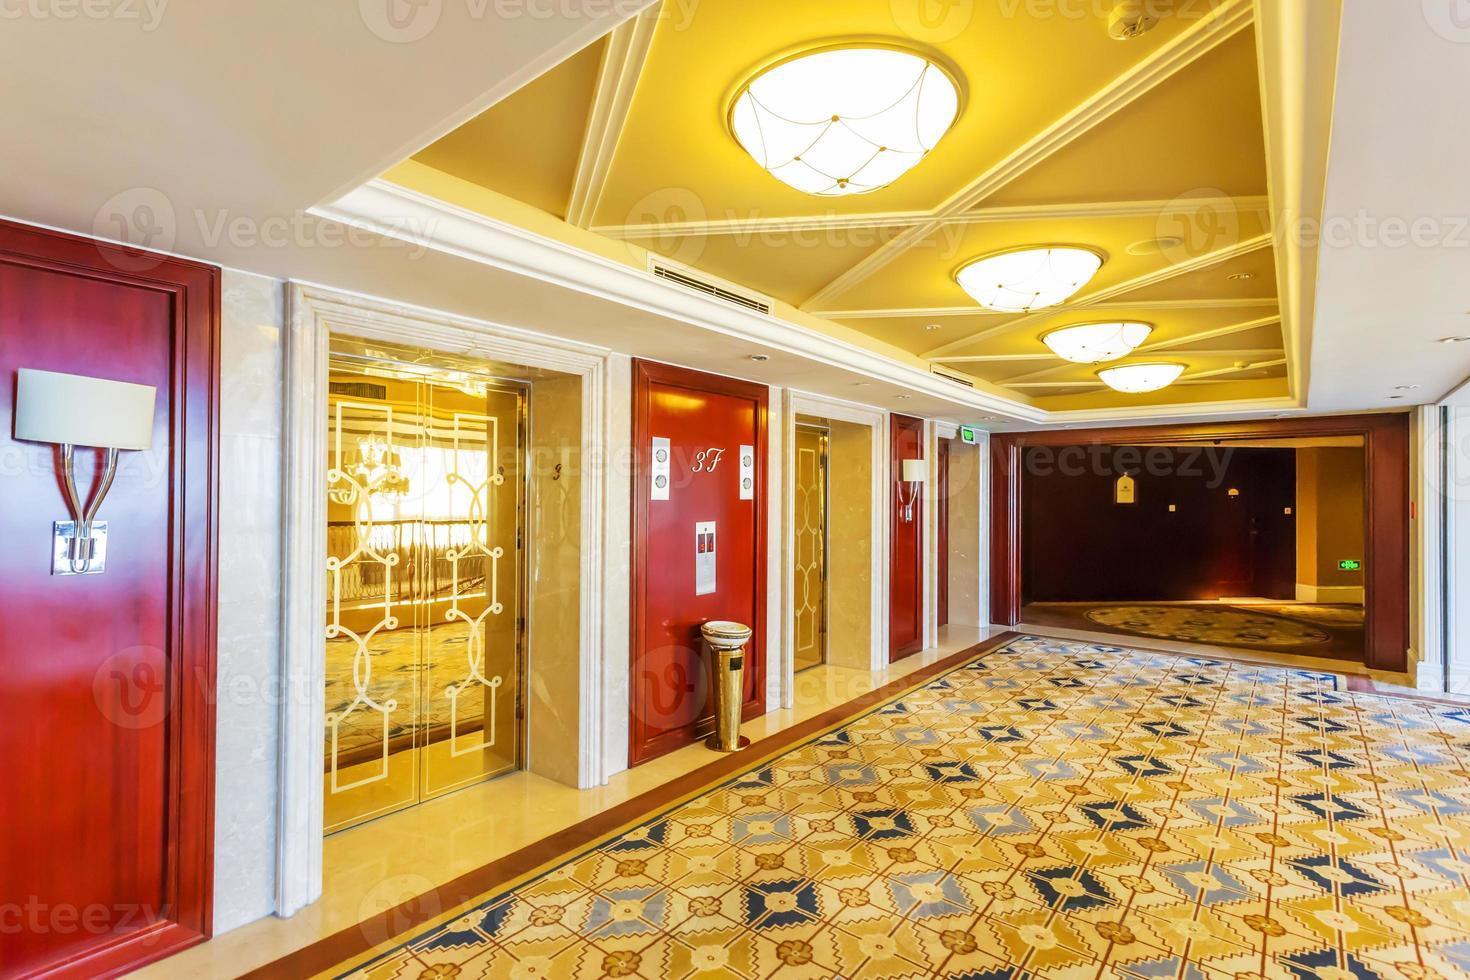 interni e corridoio moderni dell'hotel foto